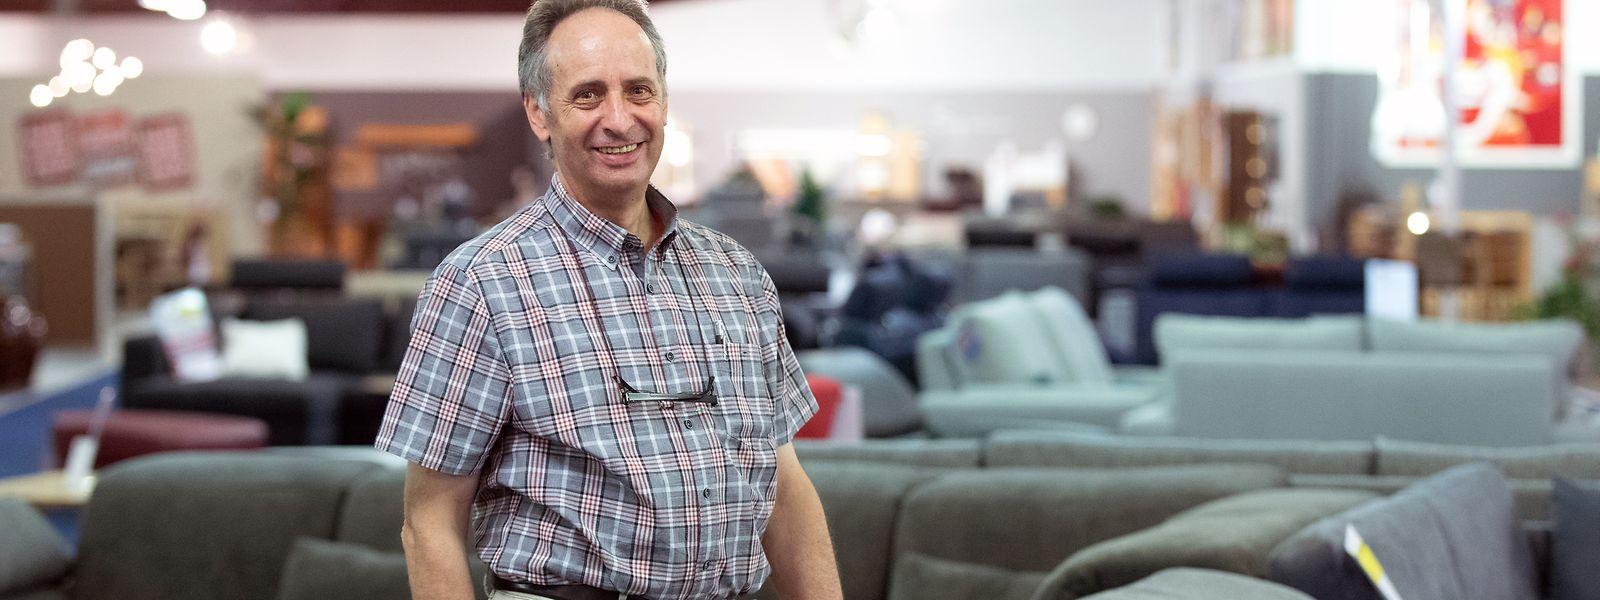 Inhaber Marc Scheer geht in Rente. Seiner Tochter hat er geraten, das Geschäft nicht zu übernehmen.